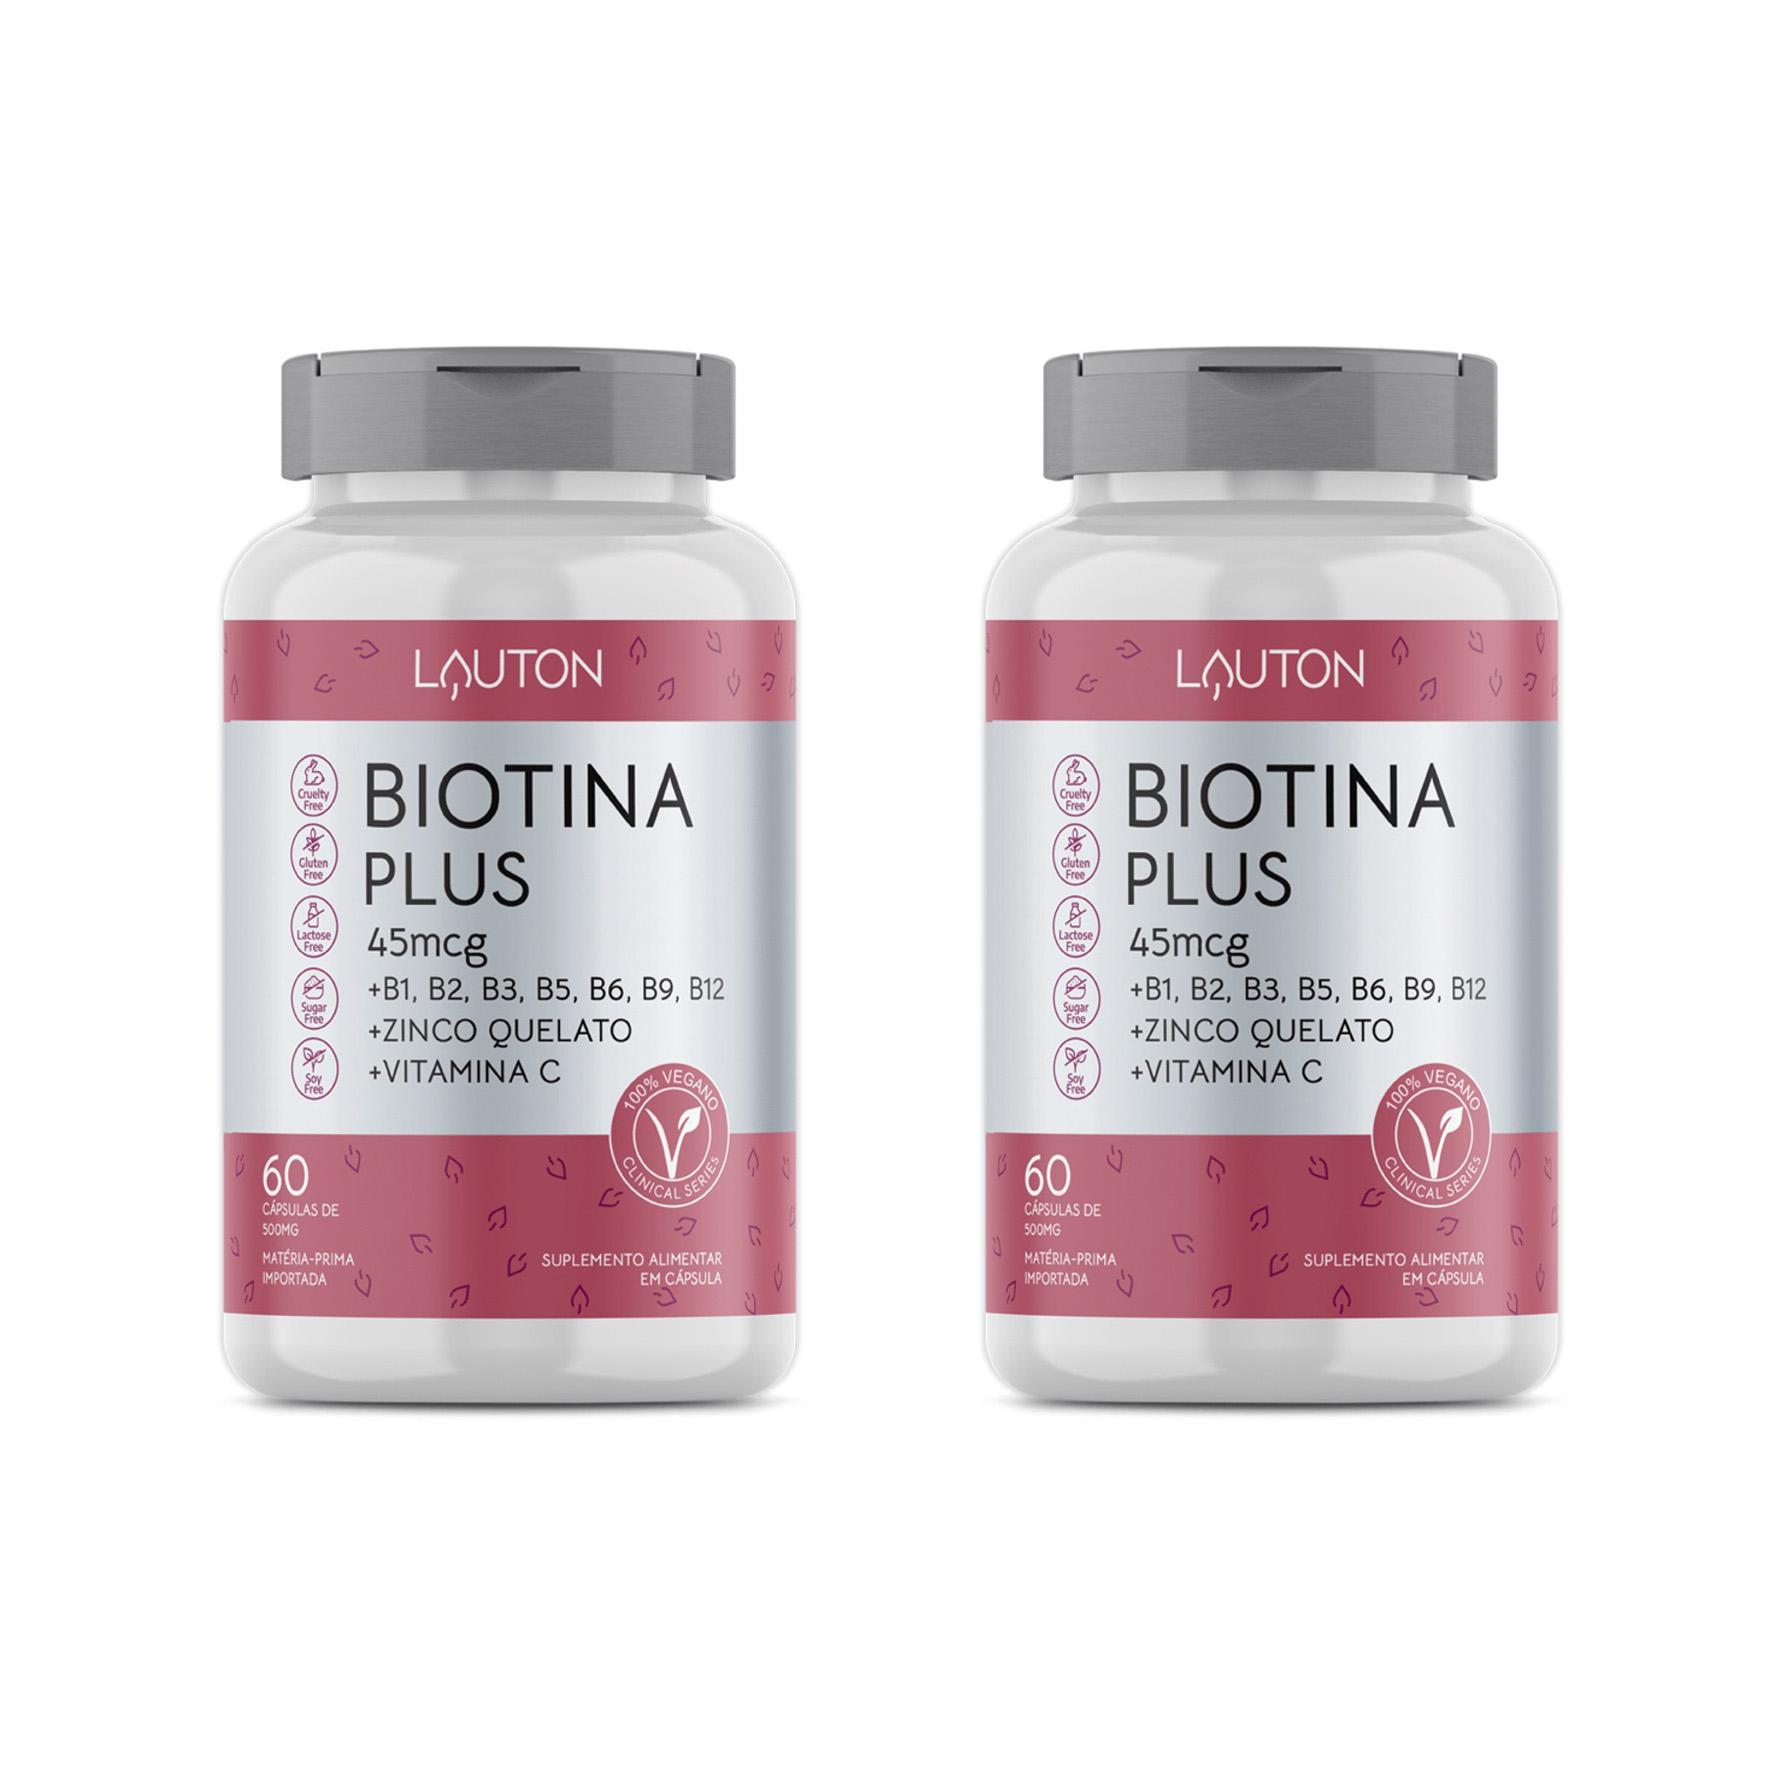 Biotina Plus - 45mcg - 60 Cápsulas - Lauton Nutrition (2 Unidades)